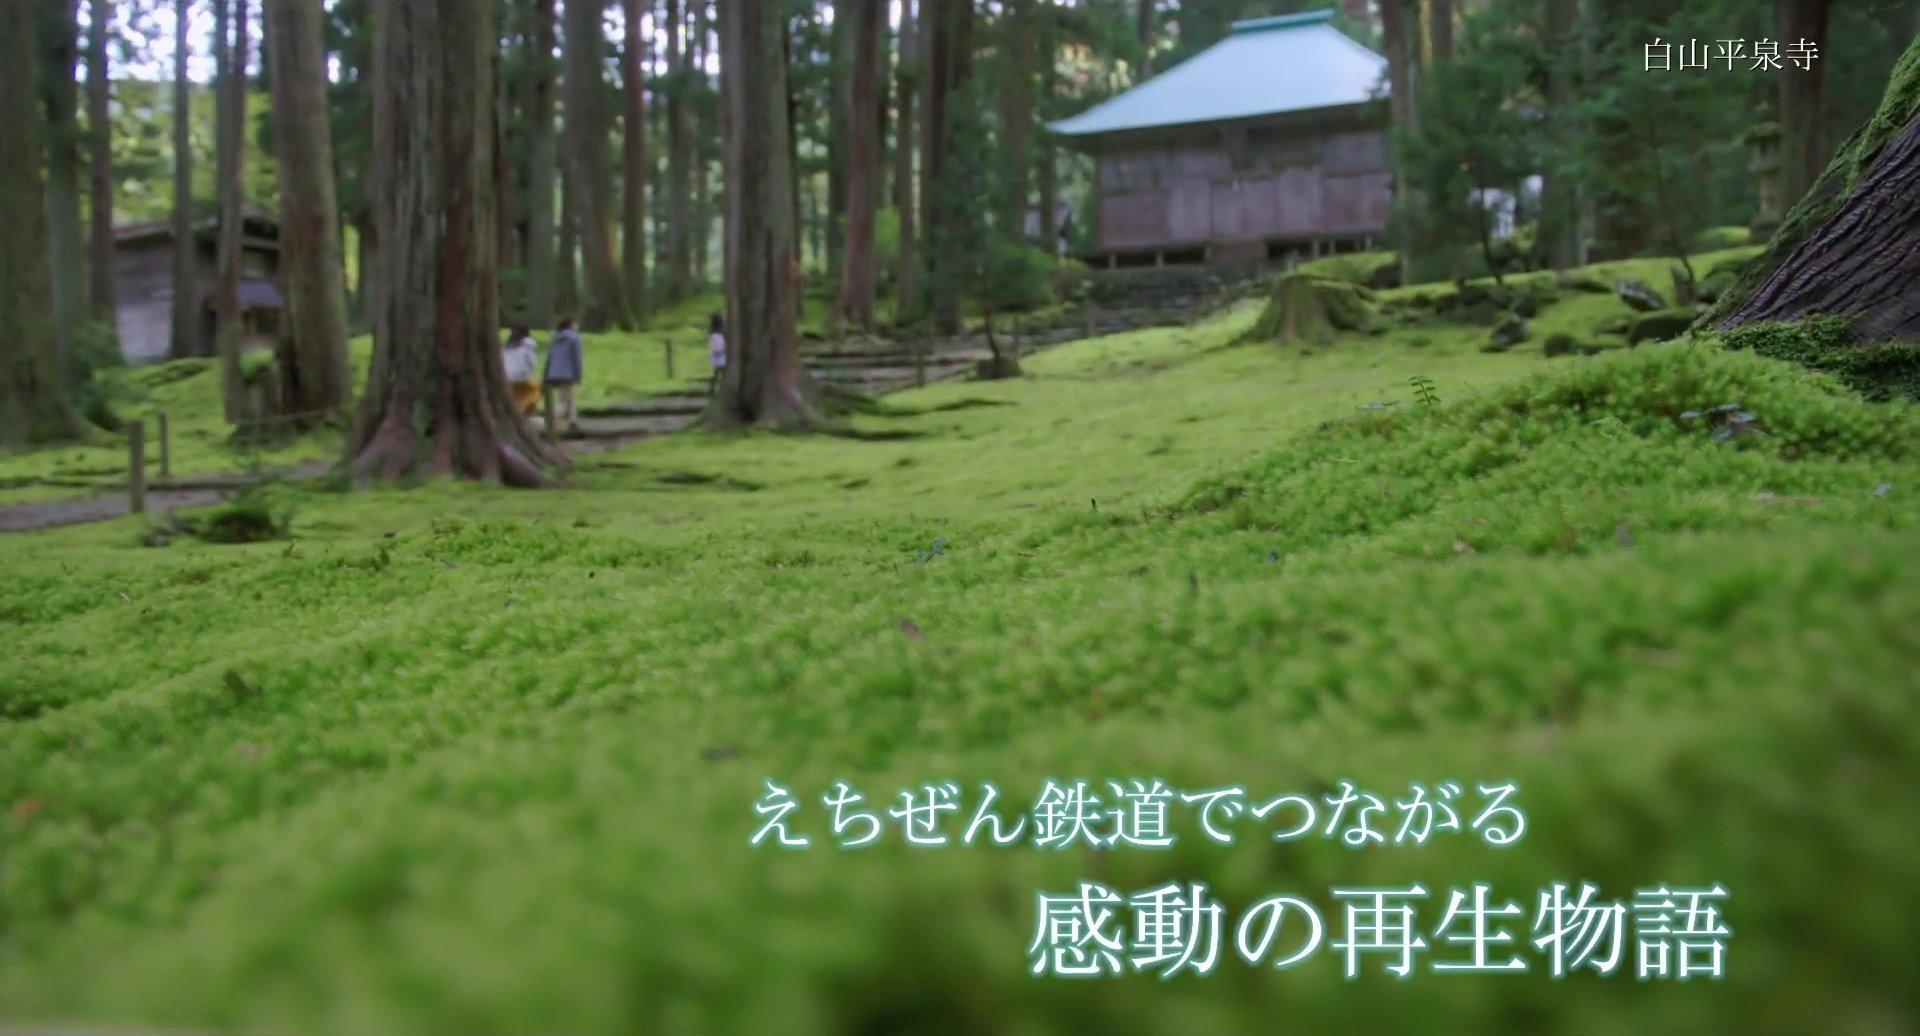 『えちてつ物語』より 平泉寺